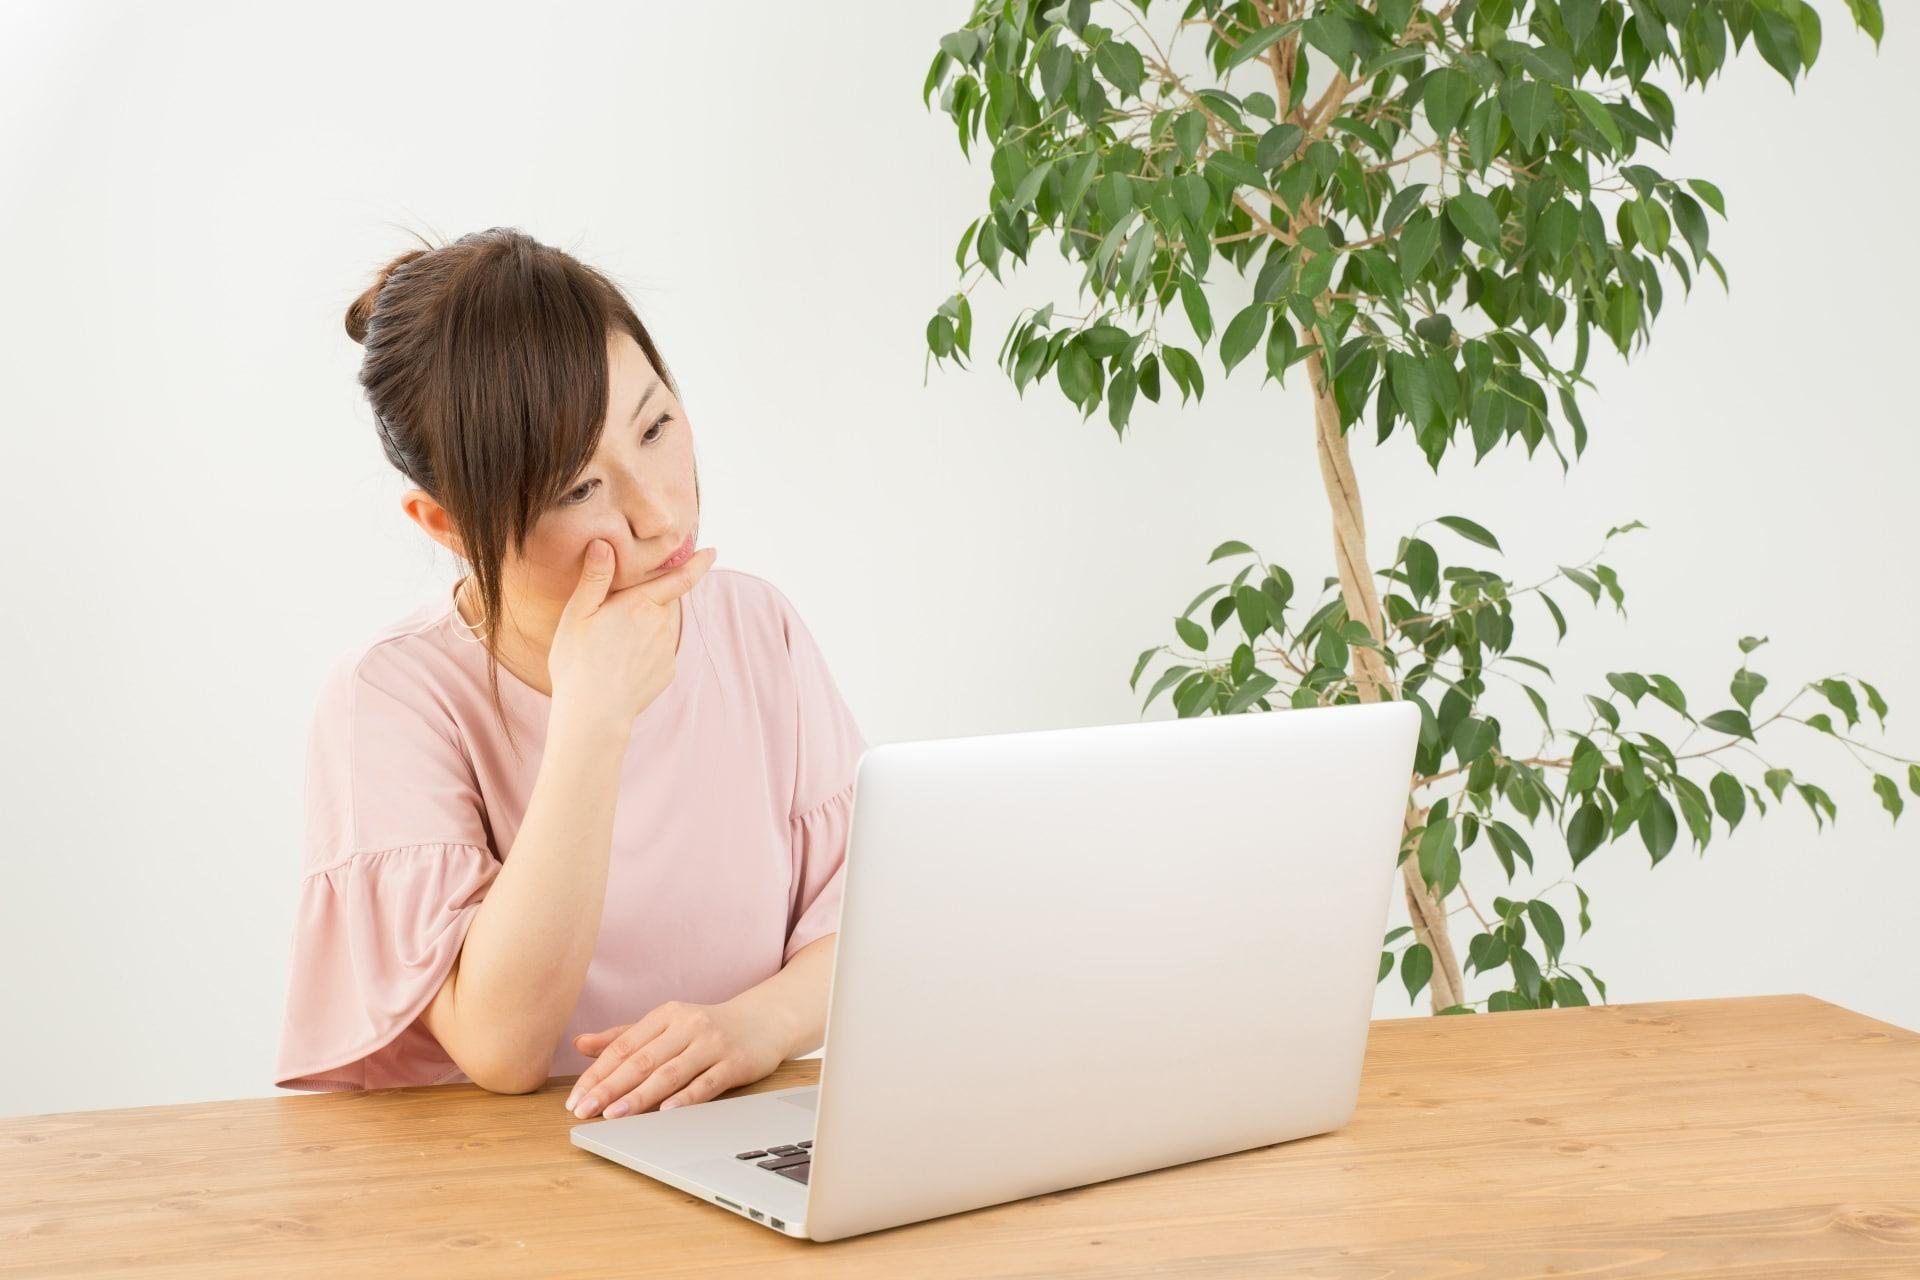 ノートパソコンを見て考える女性